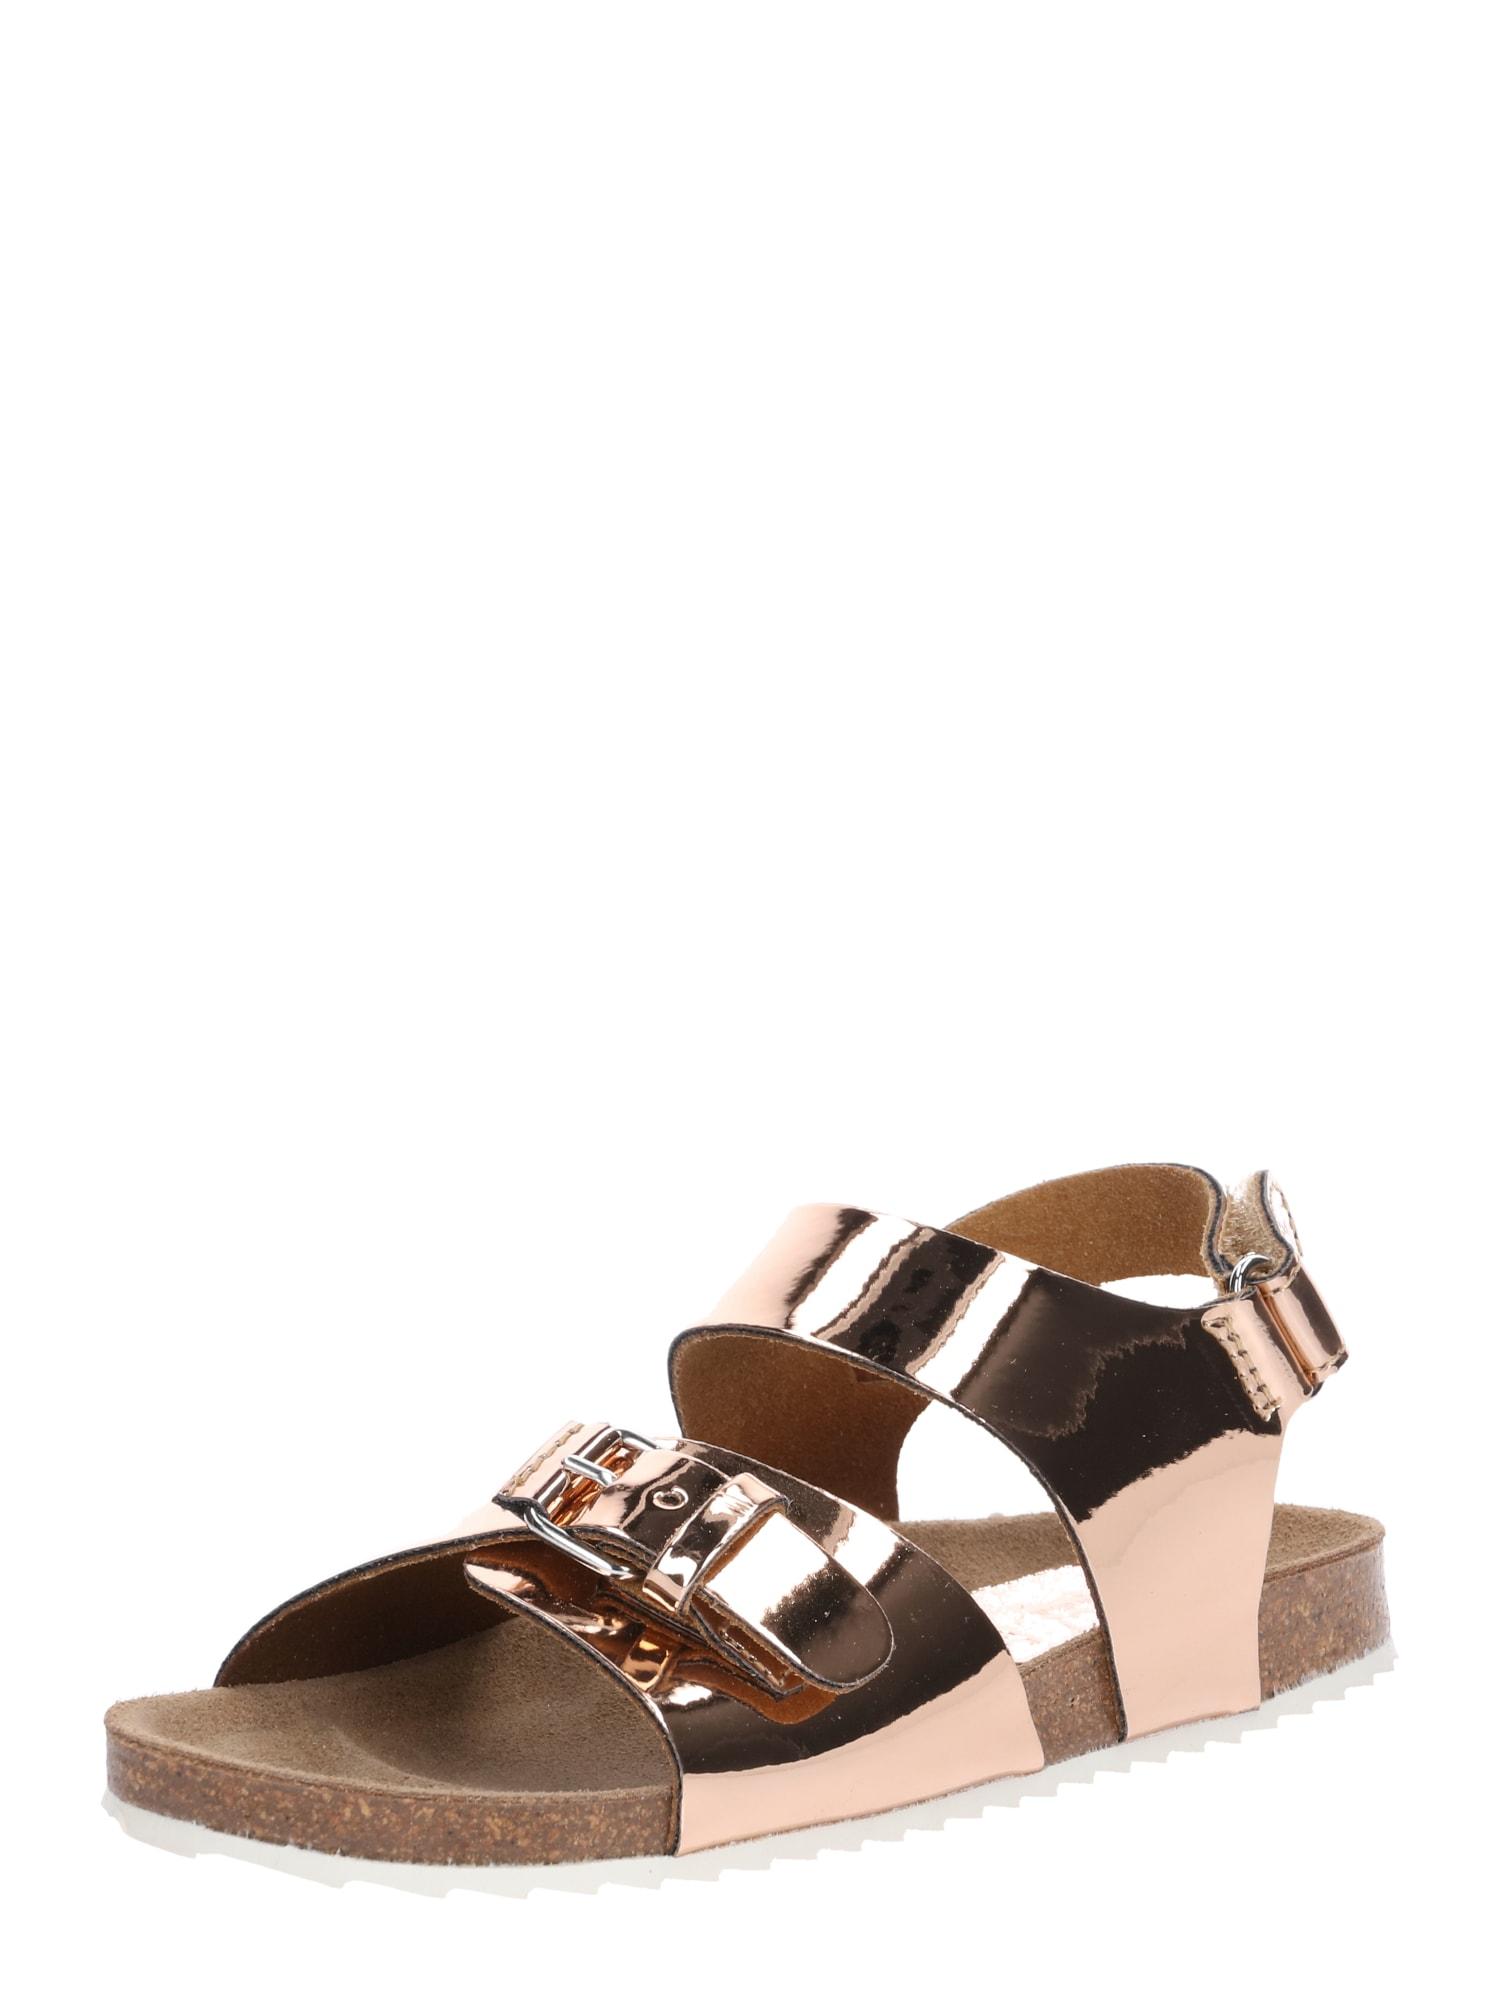 Sandály CL-MILO růžově zlatá Clic